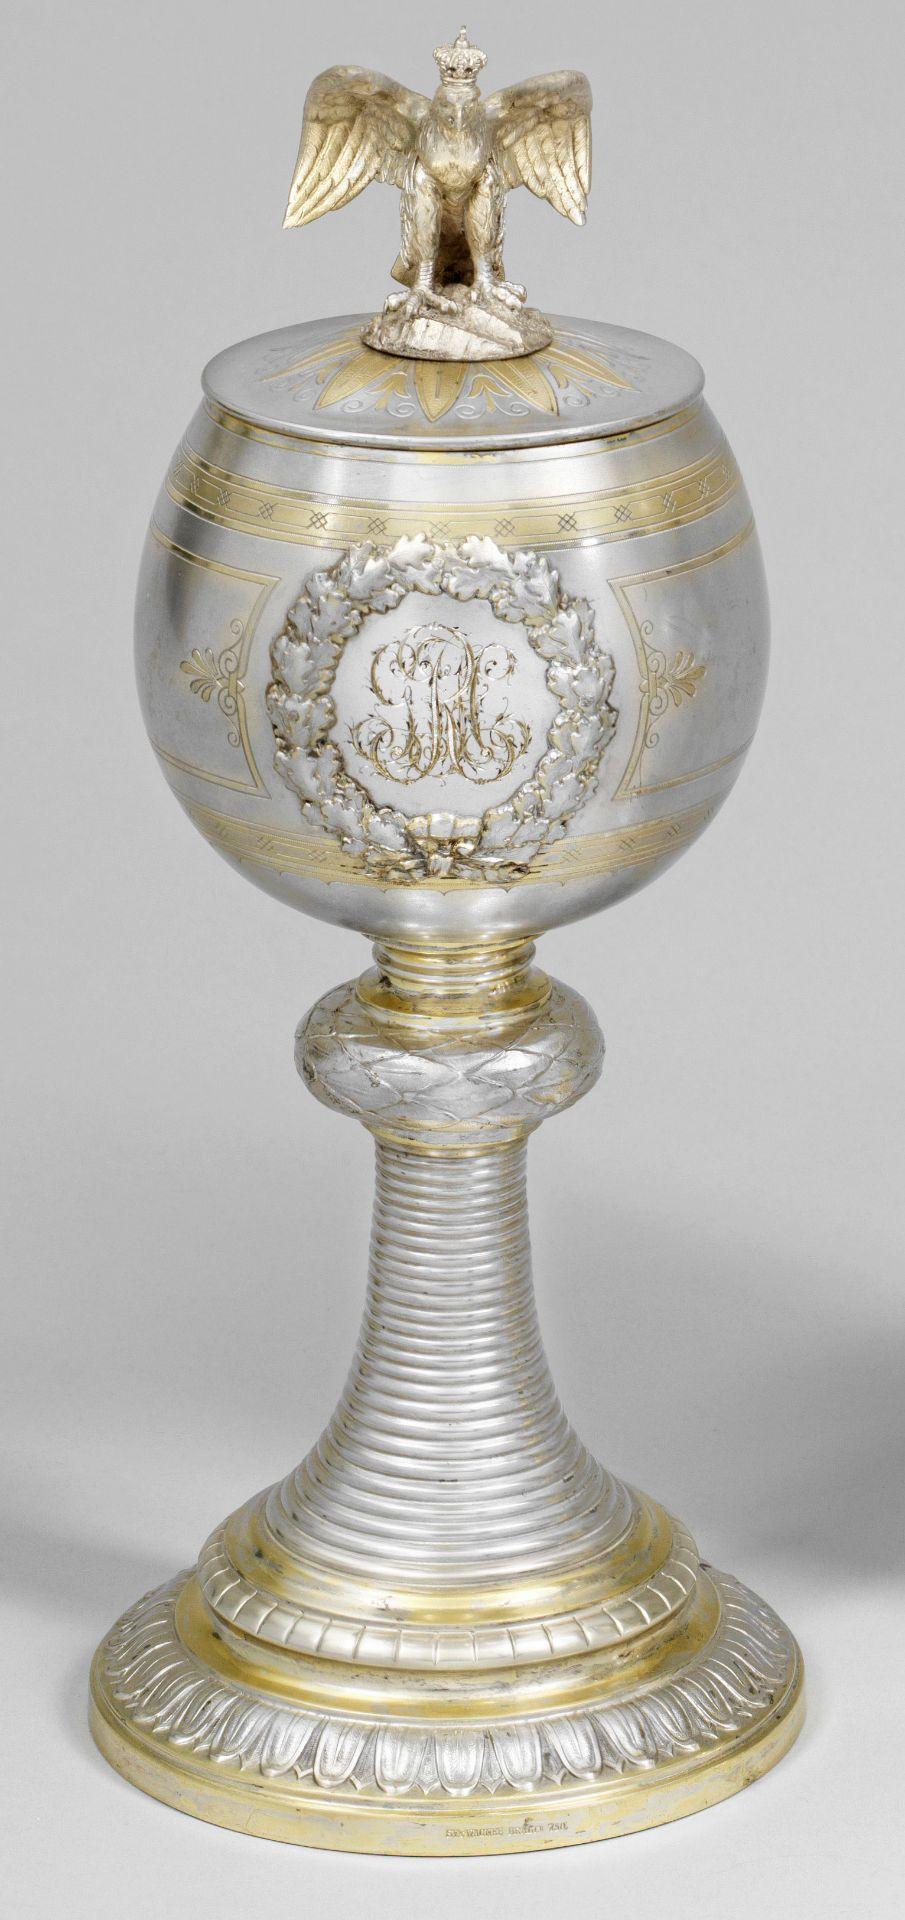 Großer preußischer Andenken-Pokal - Image 2 of 2